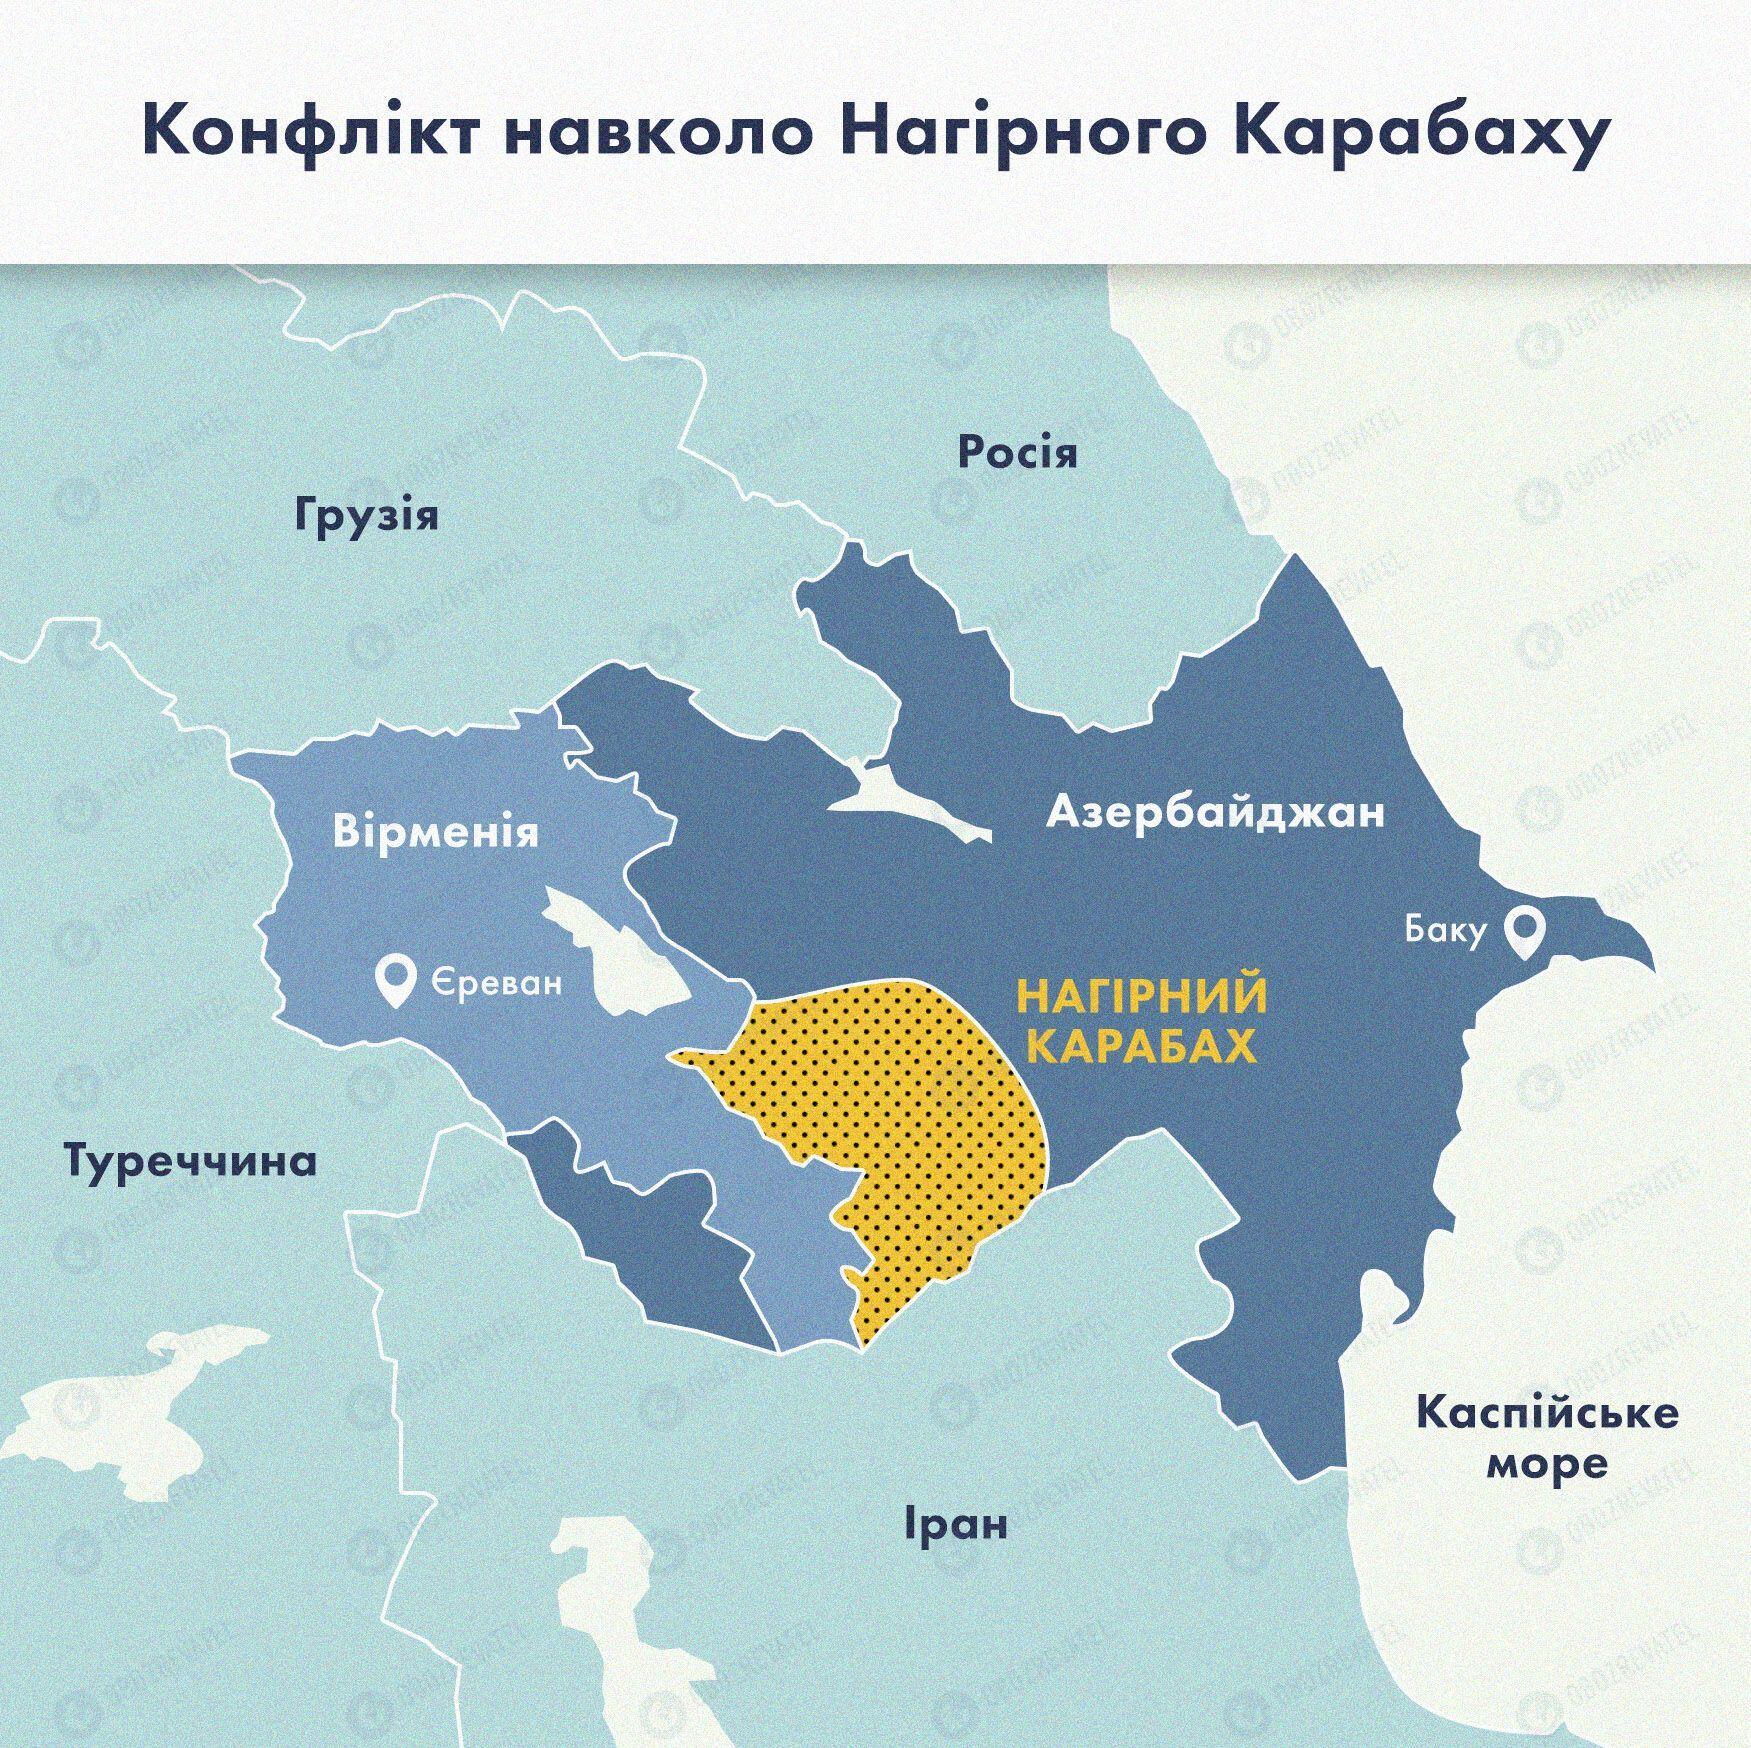 Карта конфлікту навколо Карабаху.